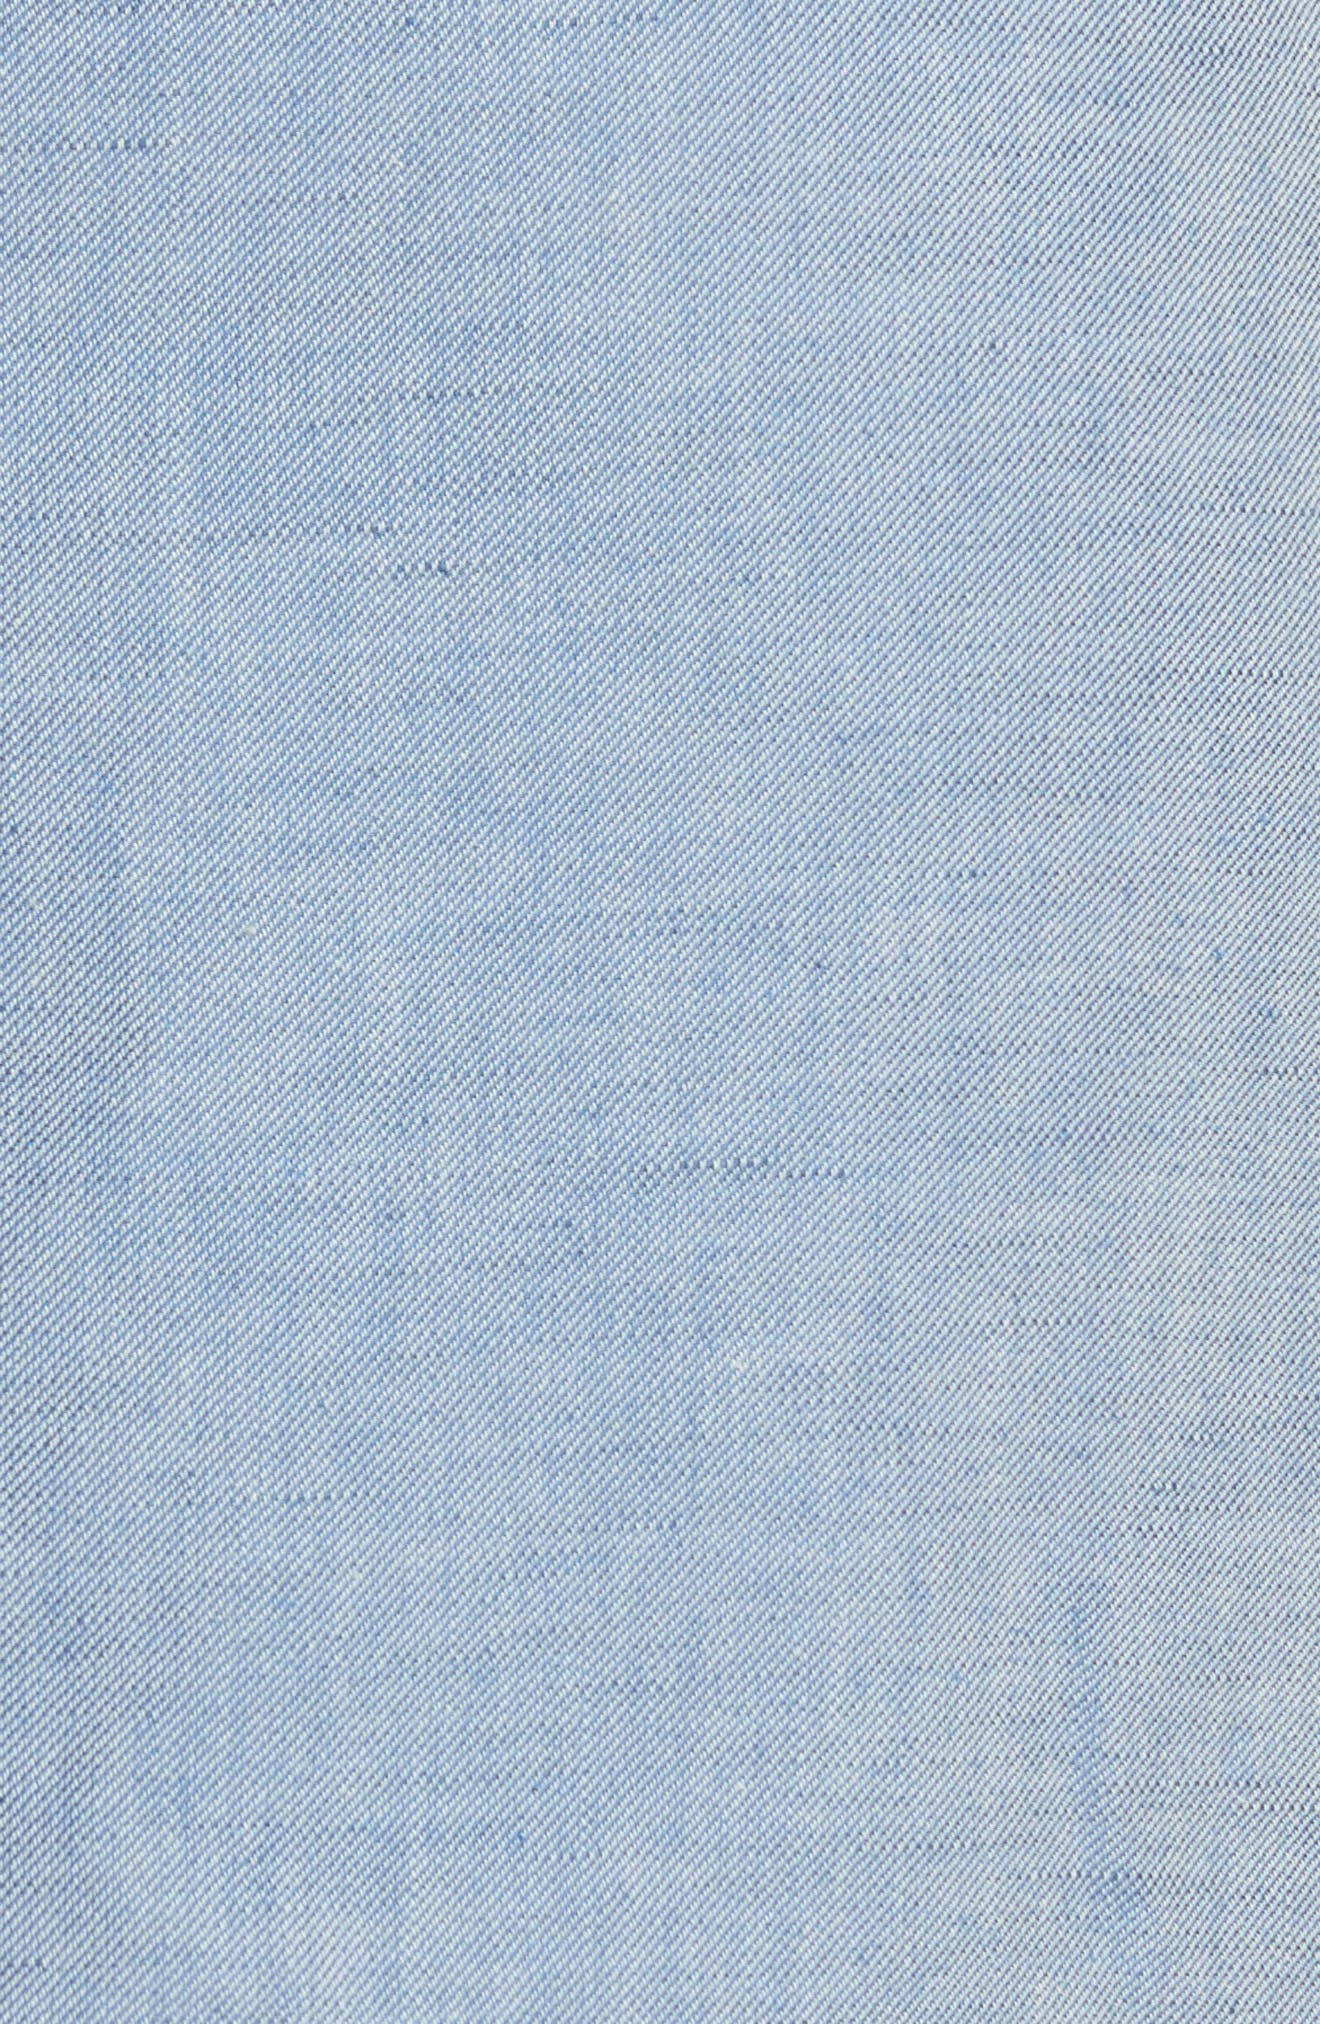 Alternate Image 5  - Carven Jupe Genou Skirt